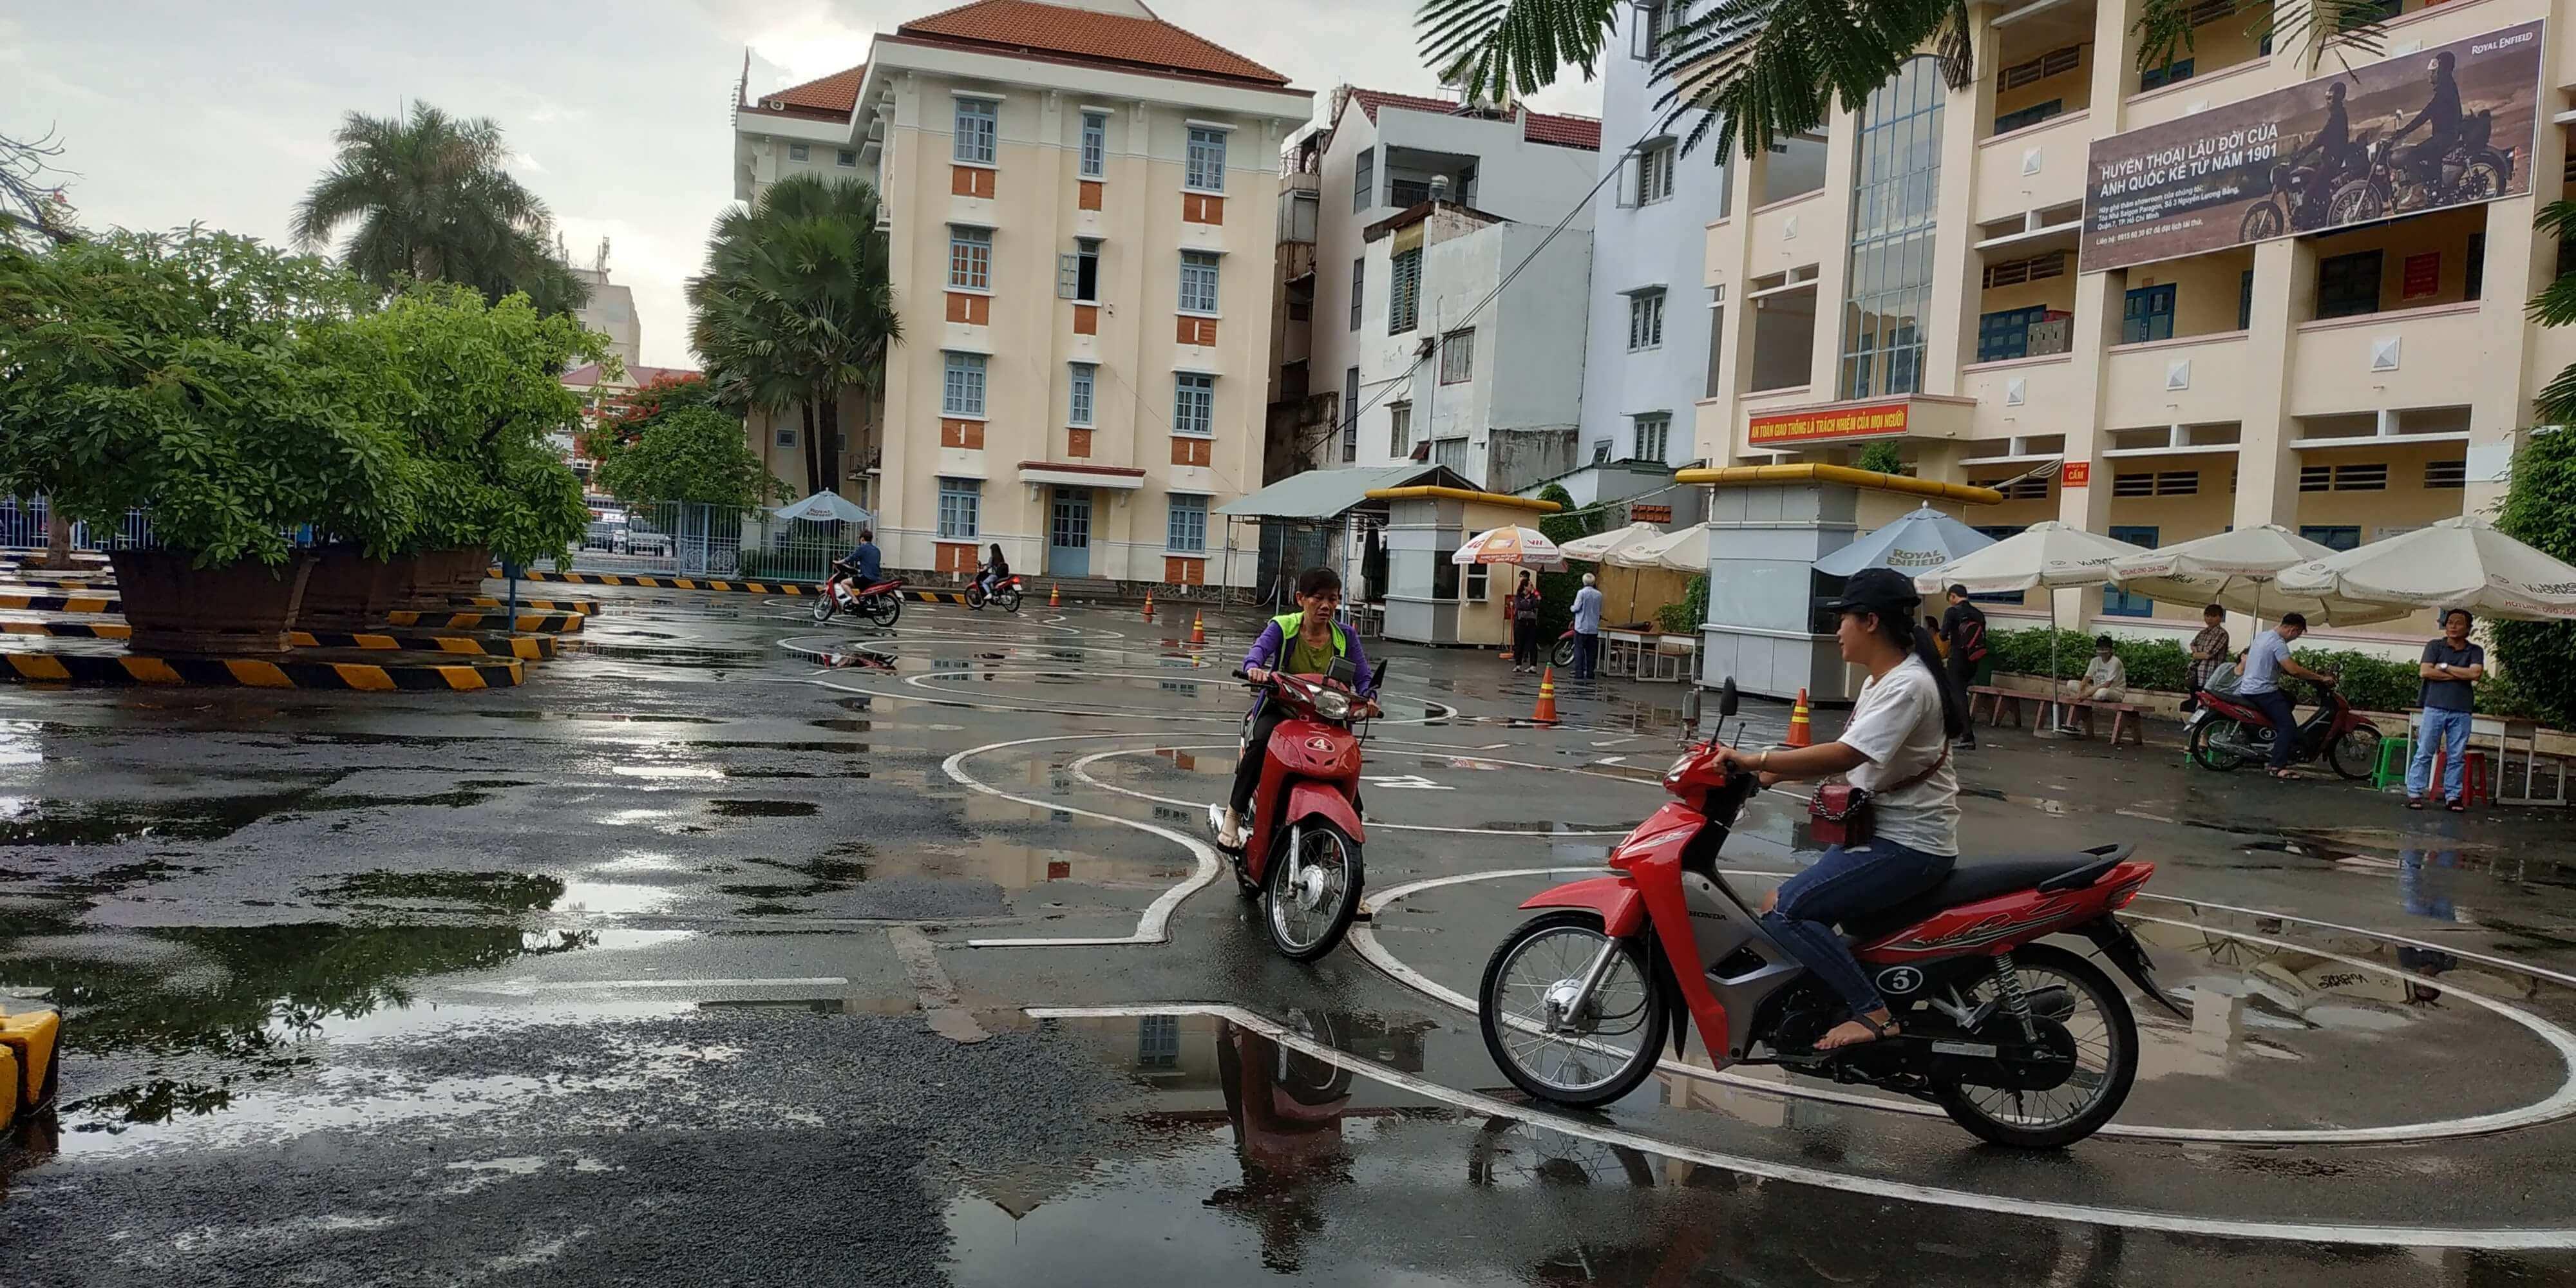 Trung tâm tổ chức thi bằng lái xe máy A1 cho người nước ngoài tại TPHCM